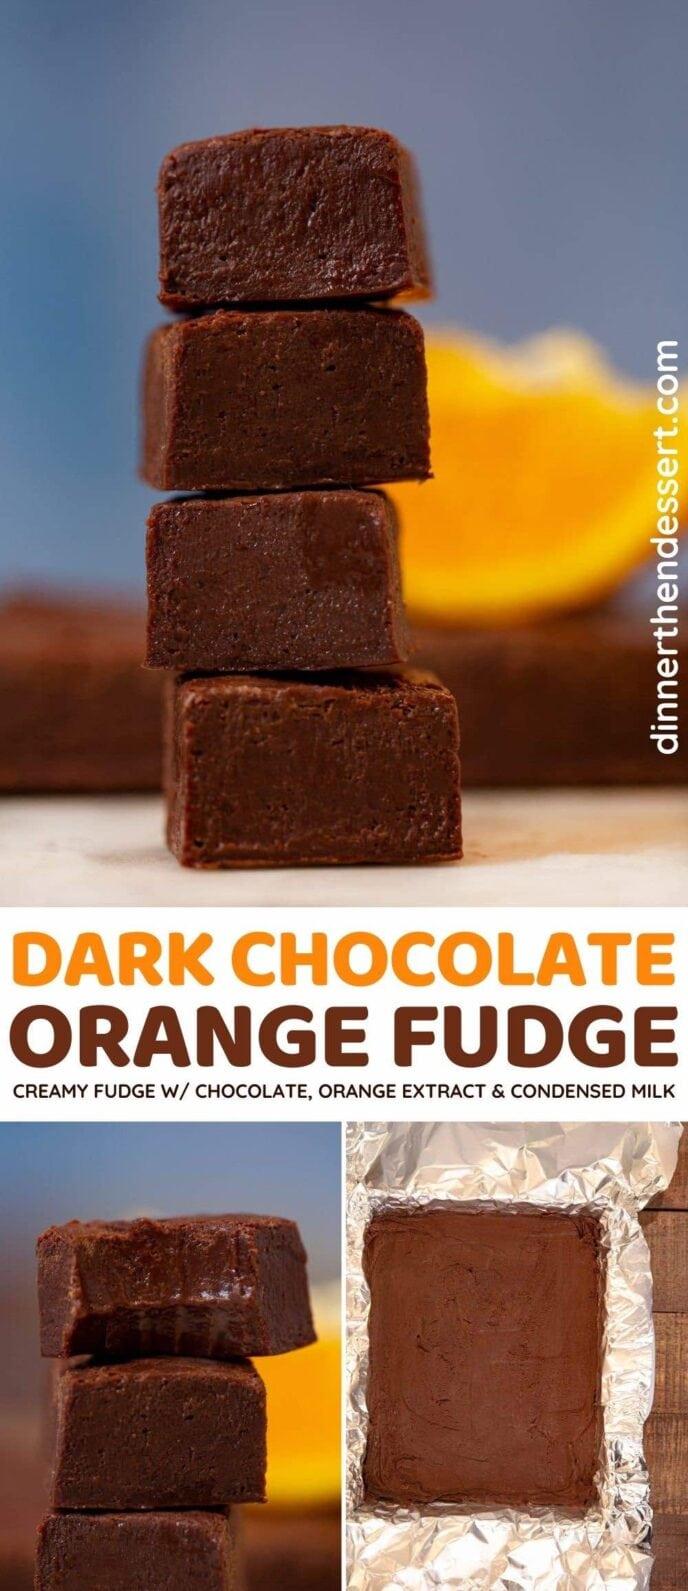 Dark Chocolate Orange Fudge collage